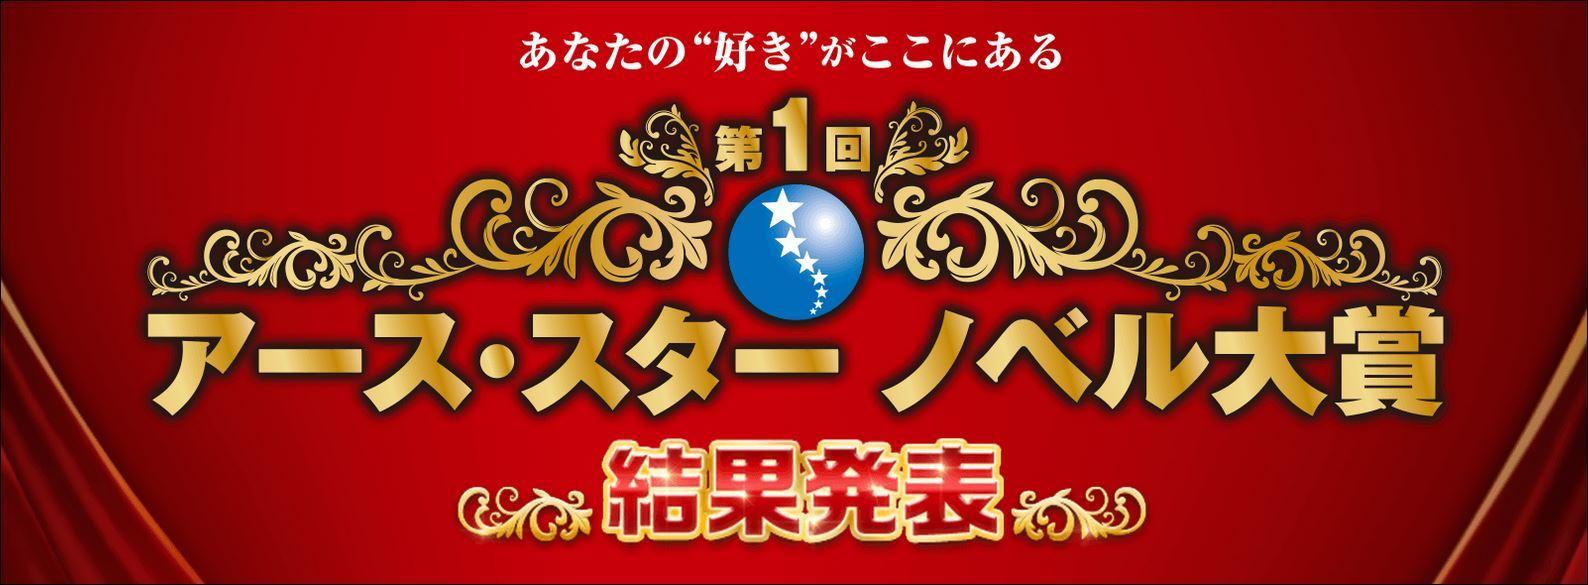 第1回 アース・スターノベル大賞 結果発表!